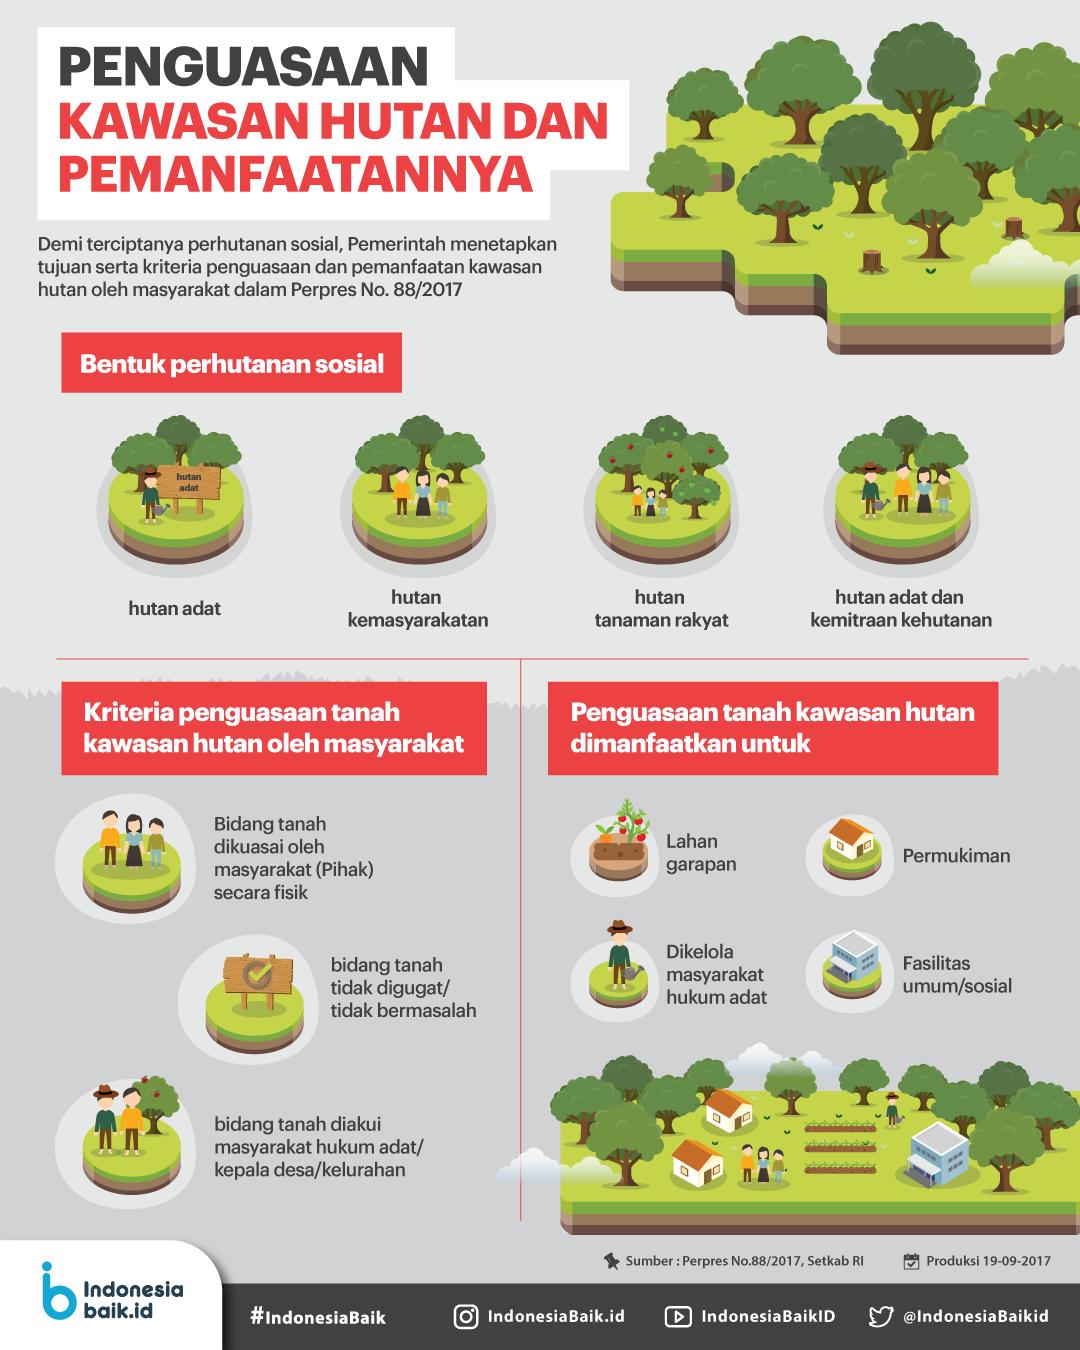 Penguasaan Kawasan Hutan dan Pemanfaatannya